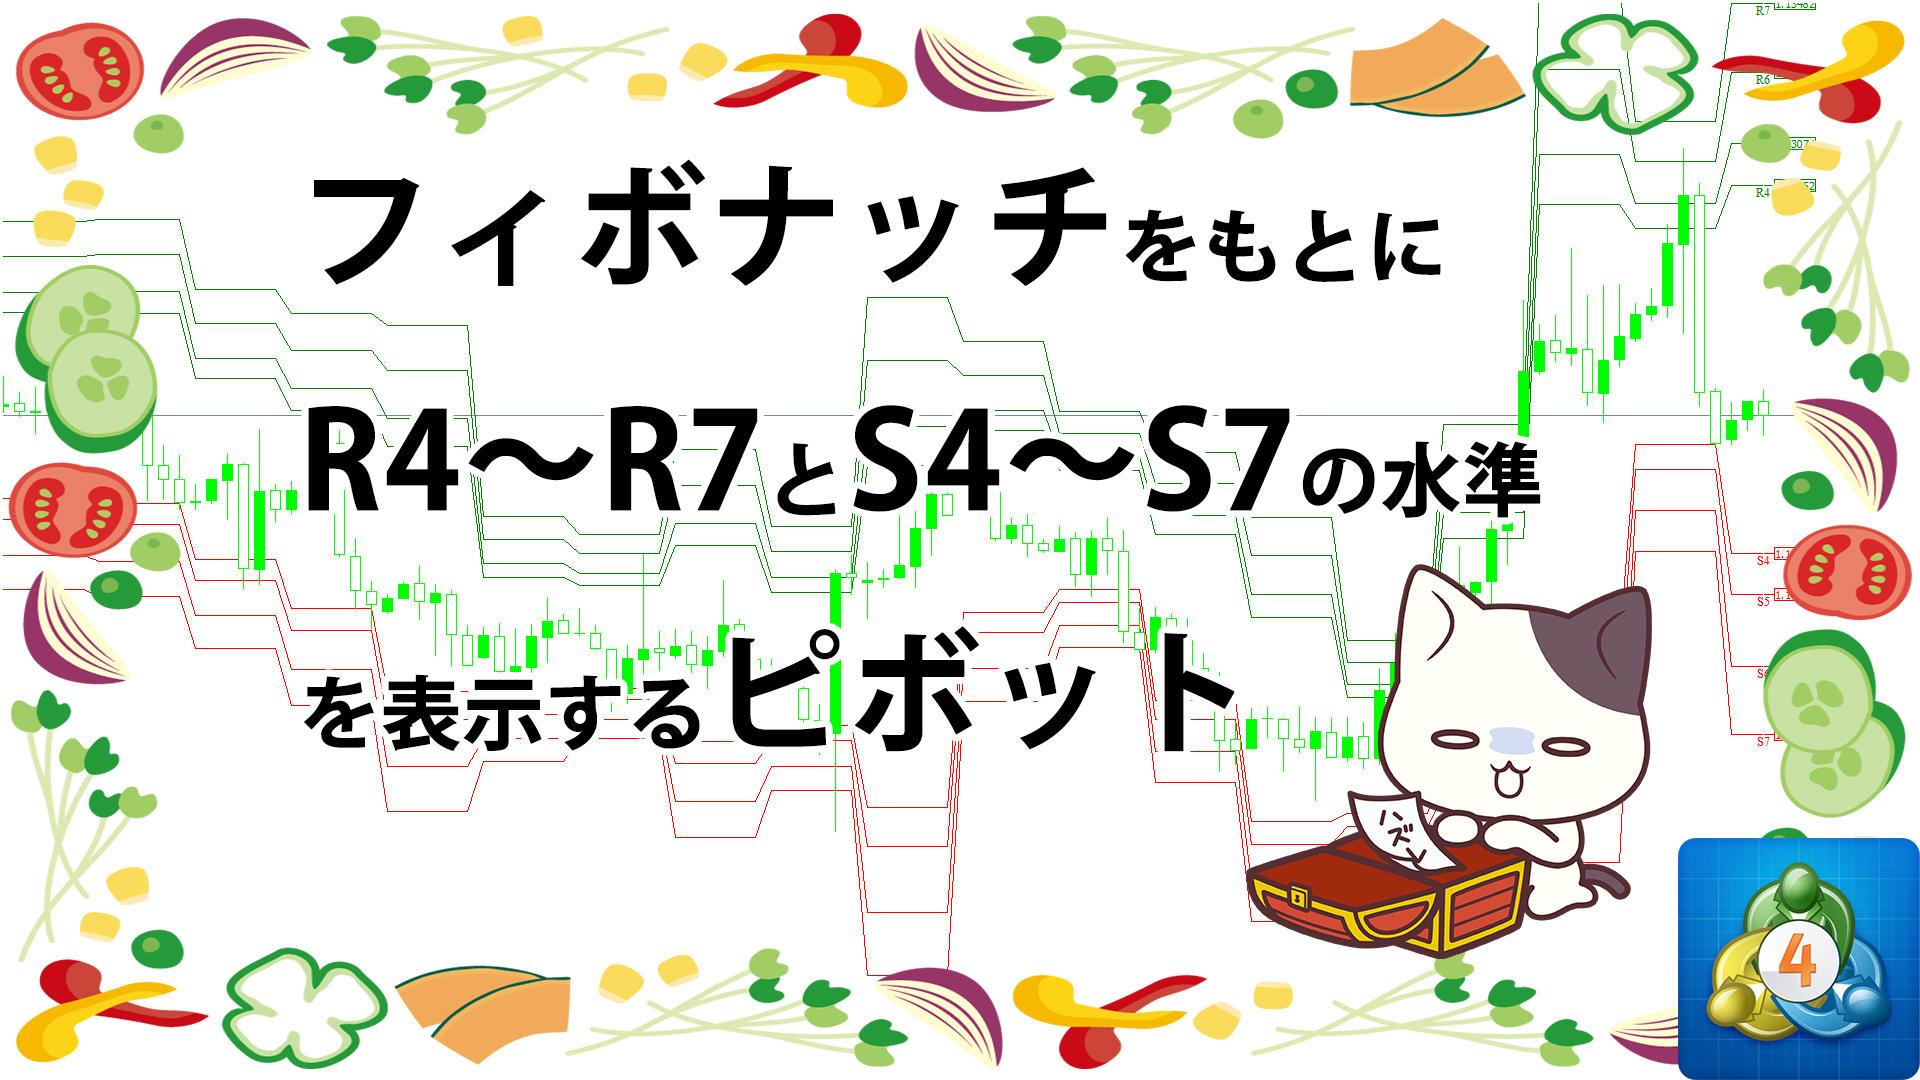 フィボナッチをもとにR4~R7とS4~S7の水準を示すピボットを表示するMT4インジケーター「Waddah_Attar_Pivot_Fibo_Second」